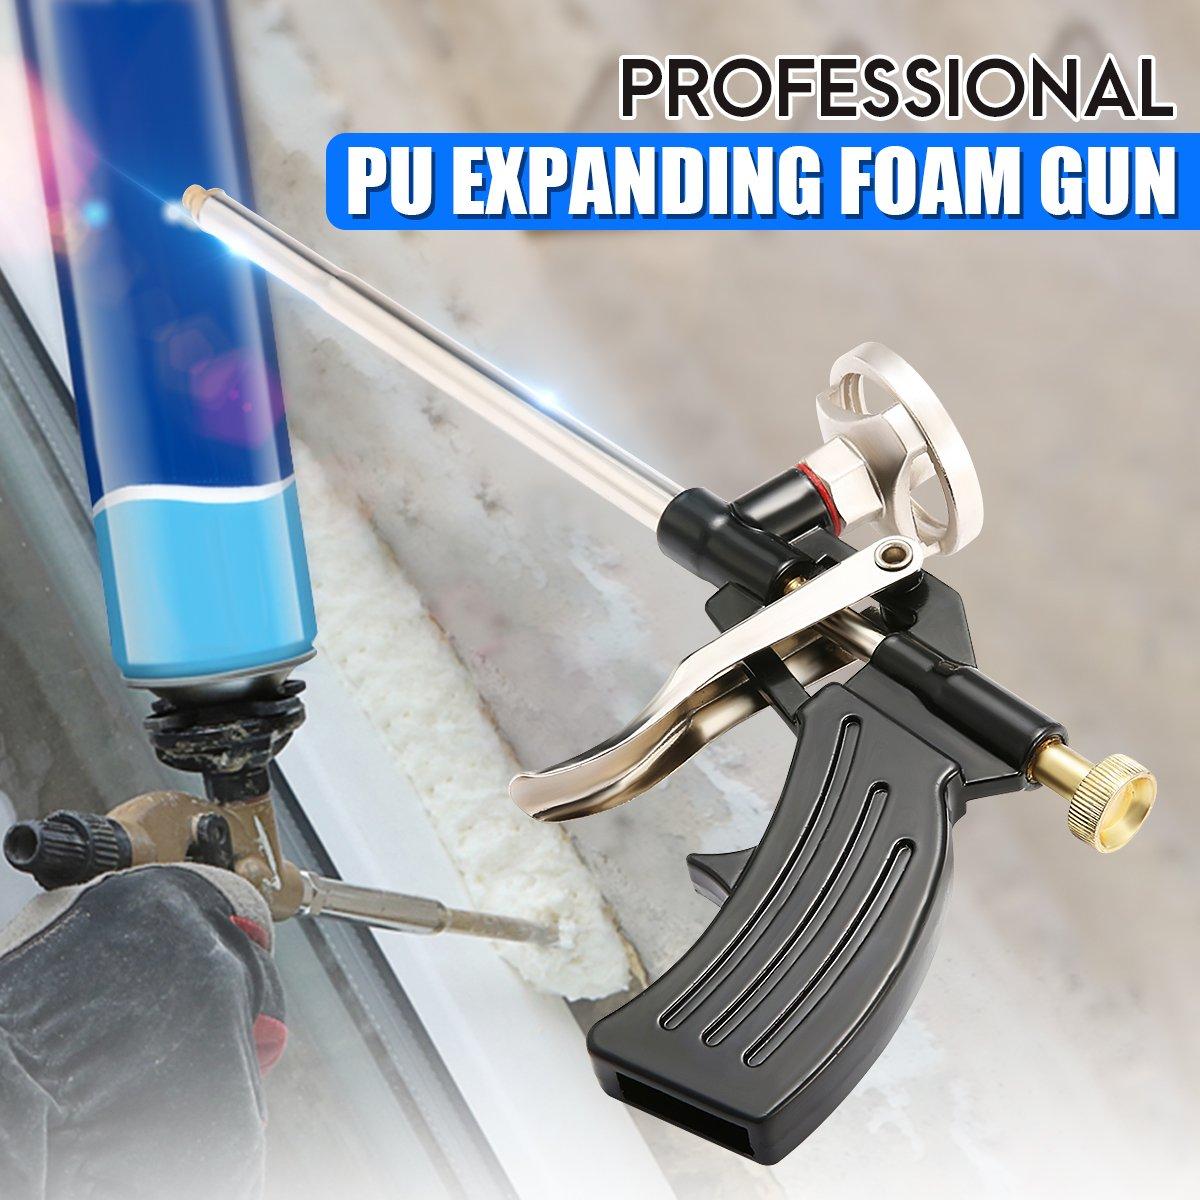 Pistola Espuma Poliuretano,GOCHANGE PU Espuma de Expansión Pistola de Calafateo/Cuerpo de Metal Spray Aplicador: Amazon.es: Bricolaje y herramientas